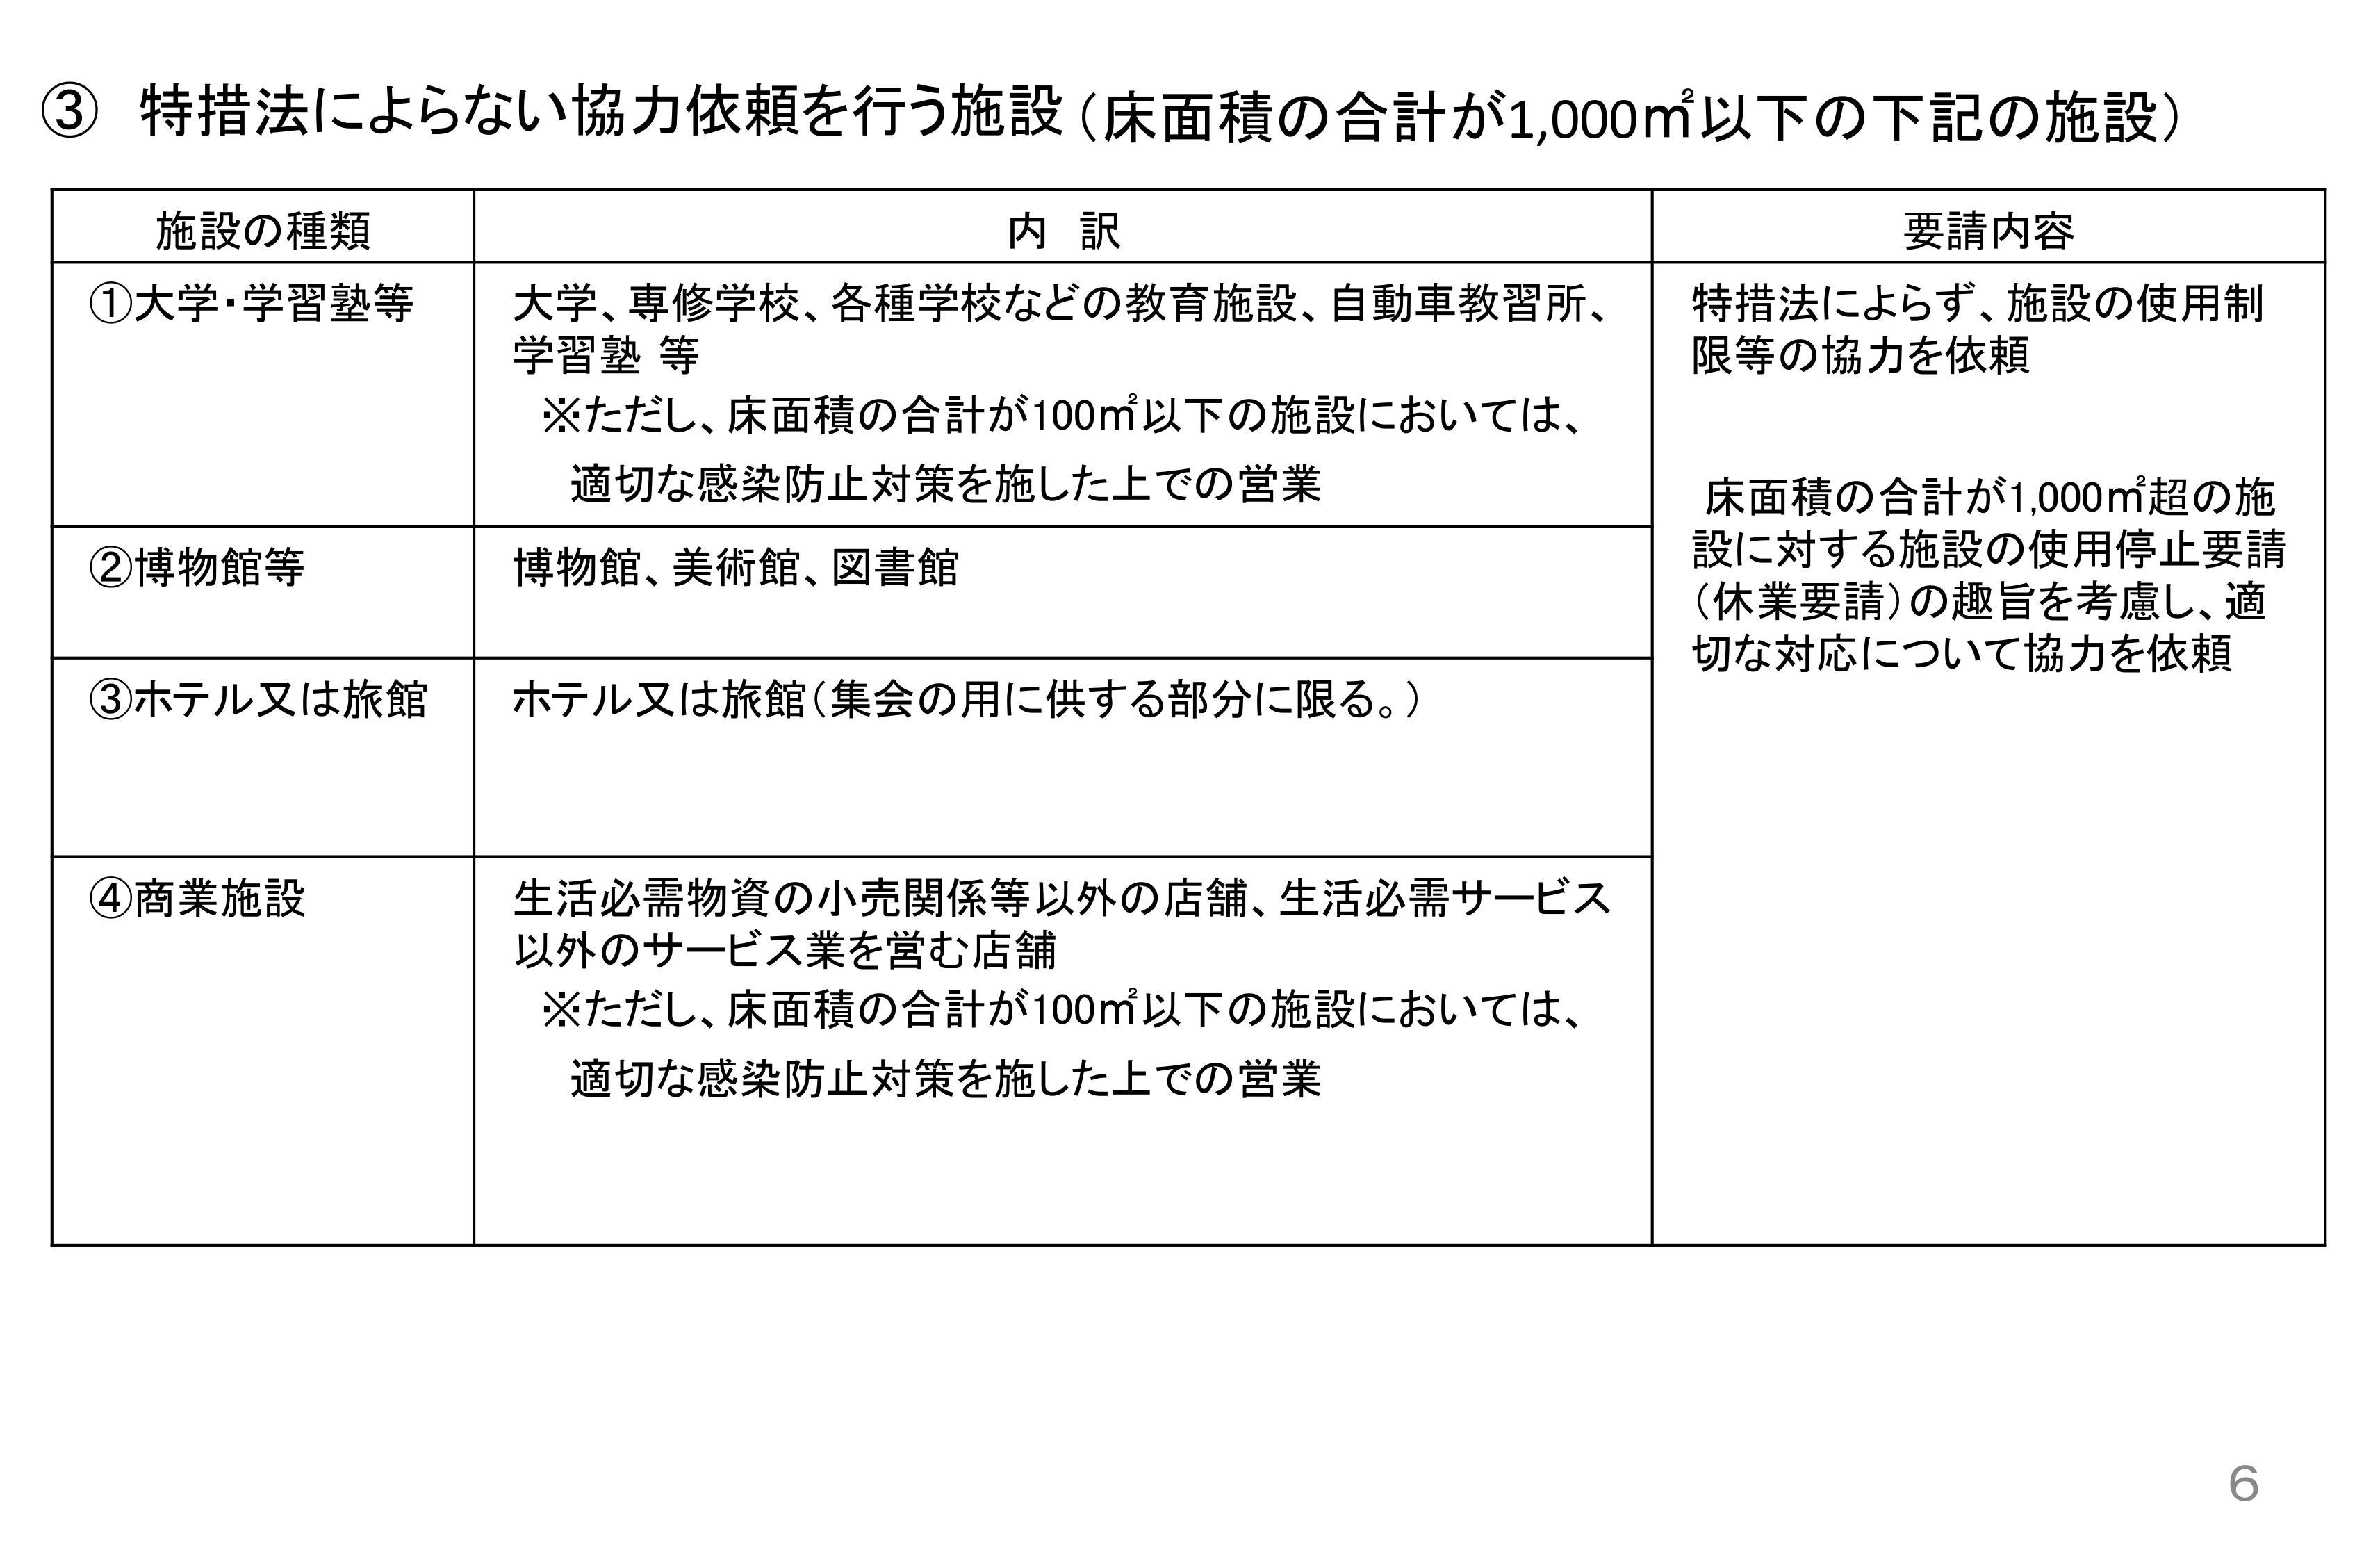 商工 在庫 処分 サイト 応援 札幌 所 会議